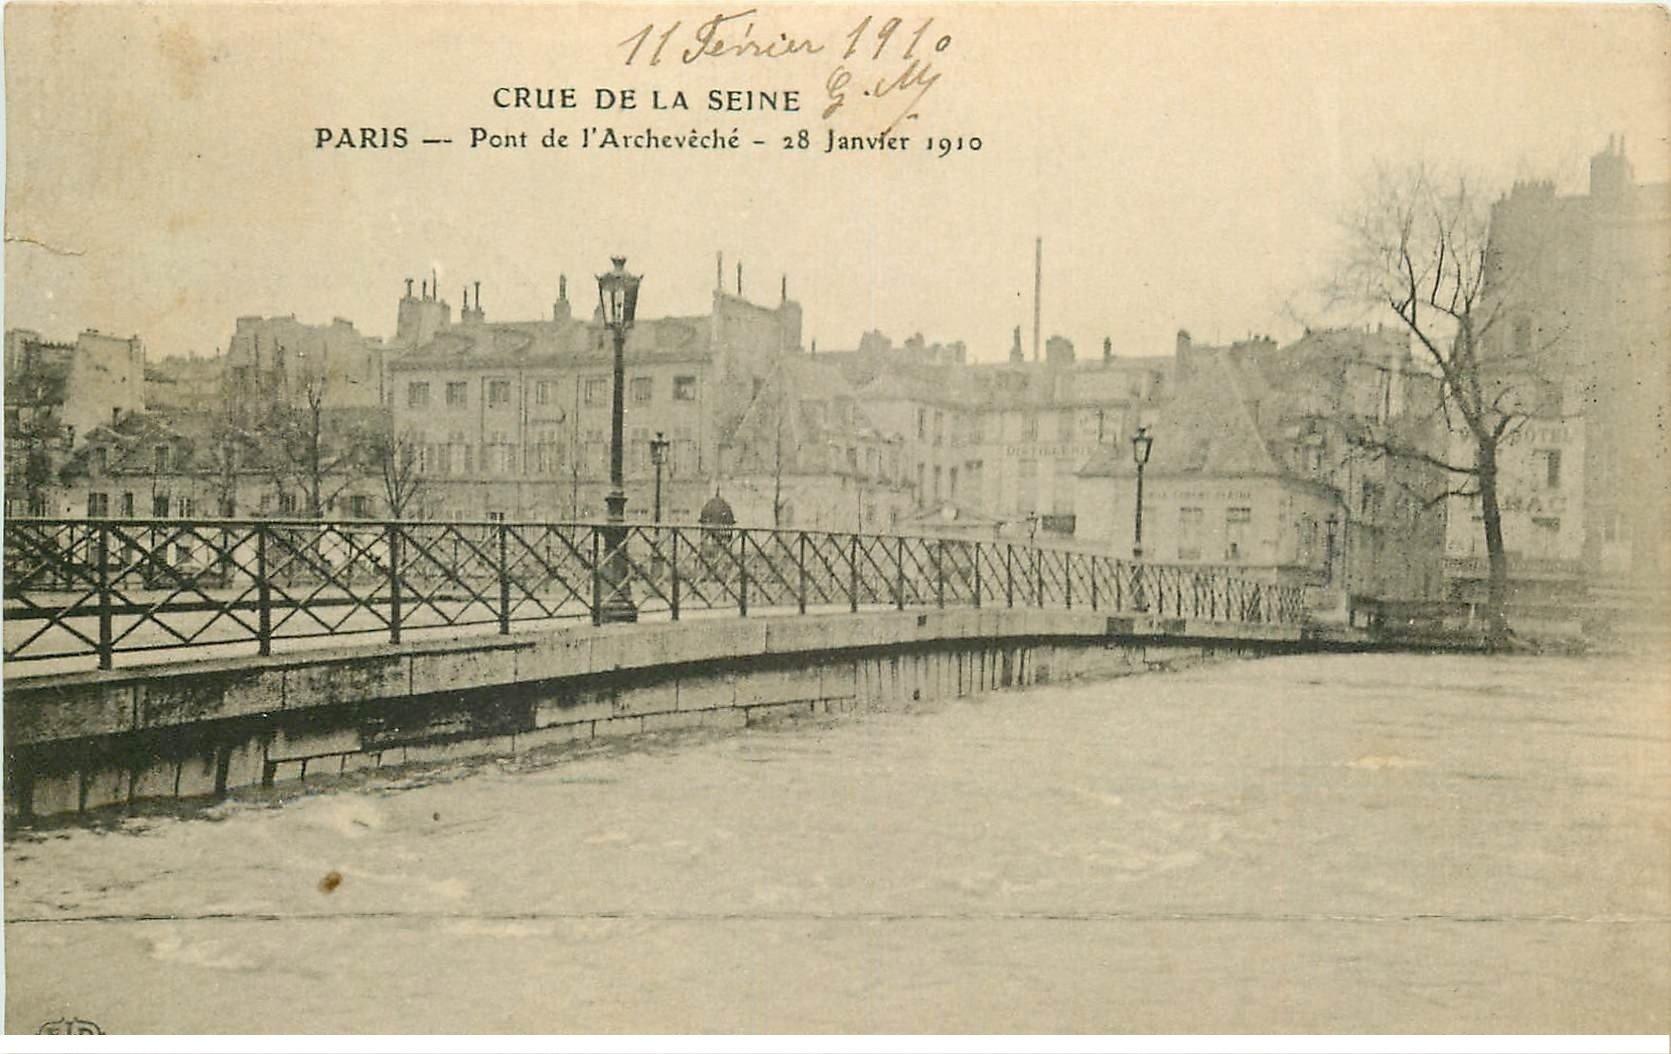 carte postale ancienne INONDATION ET CRUE PARIS 1910. Pont Archevêché